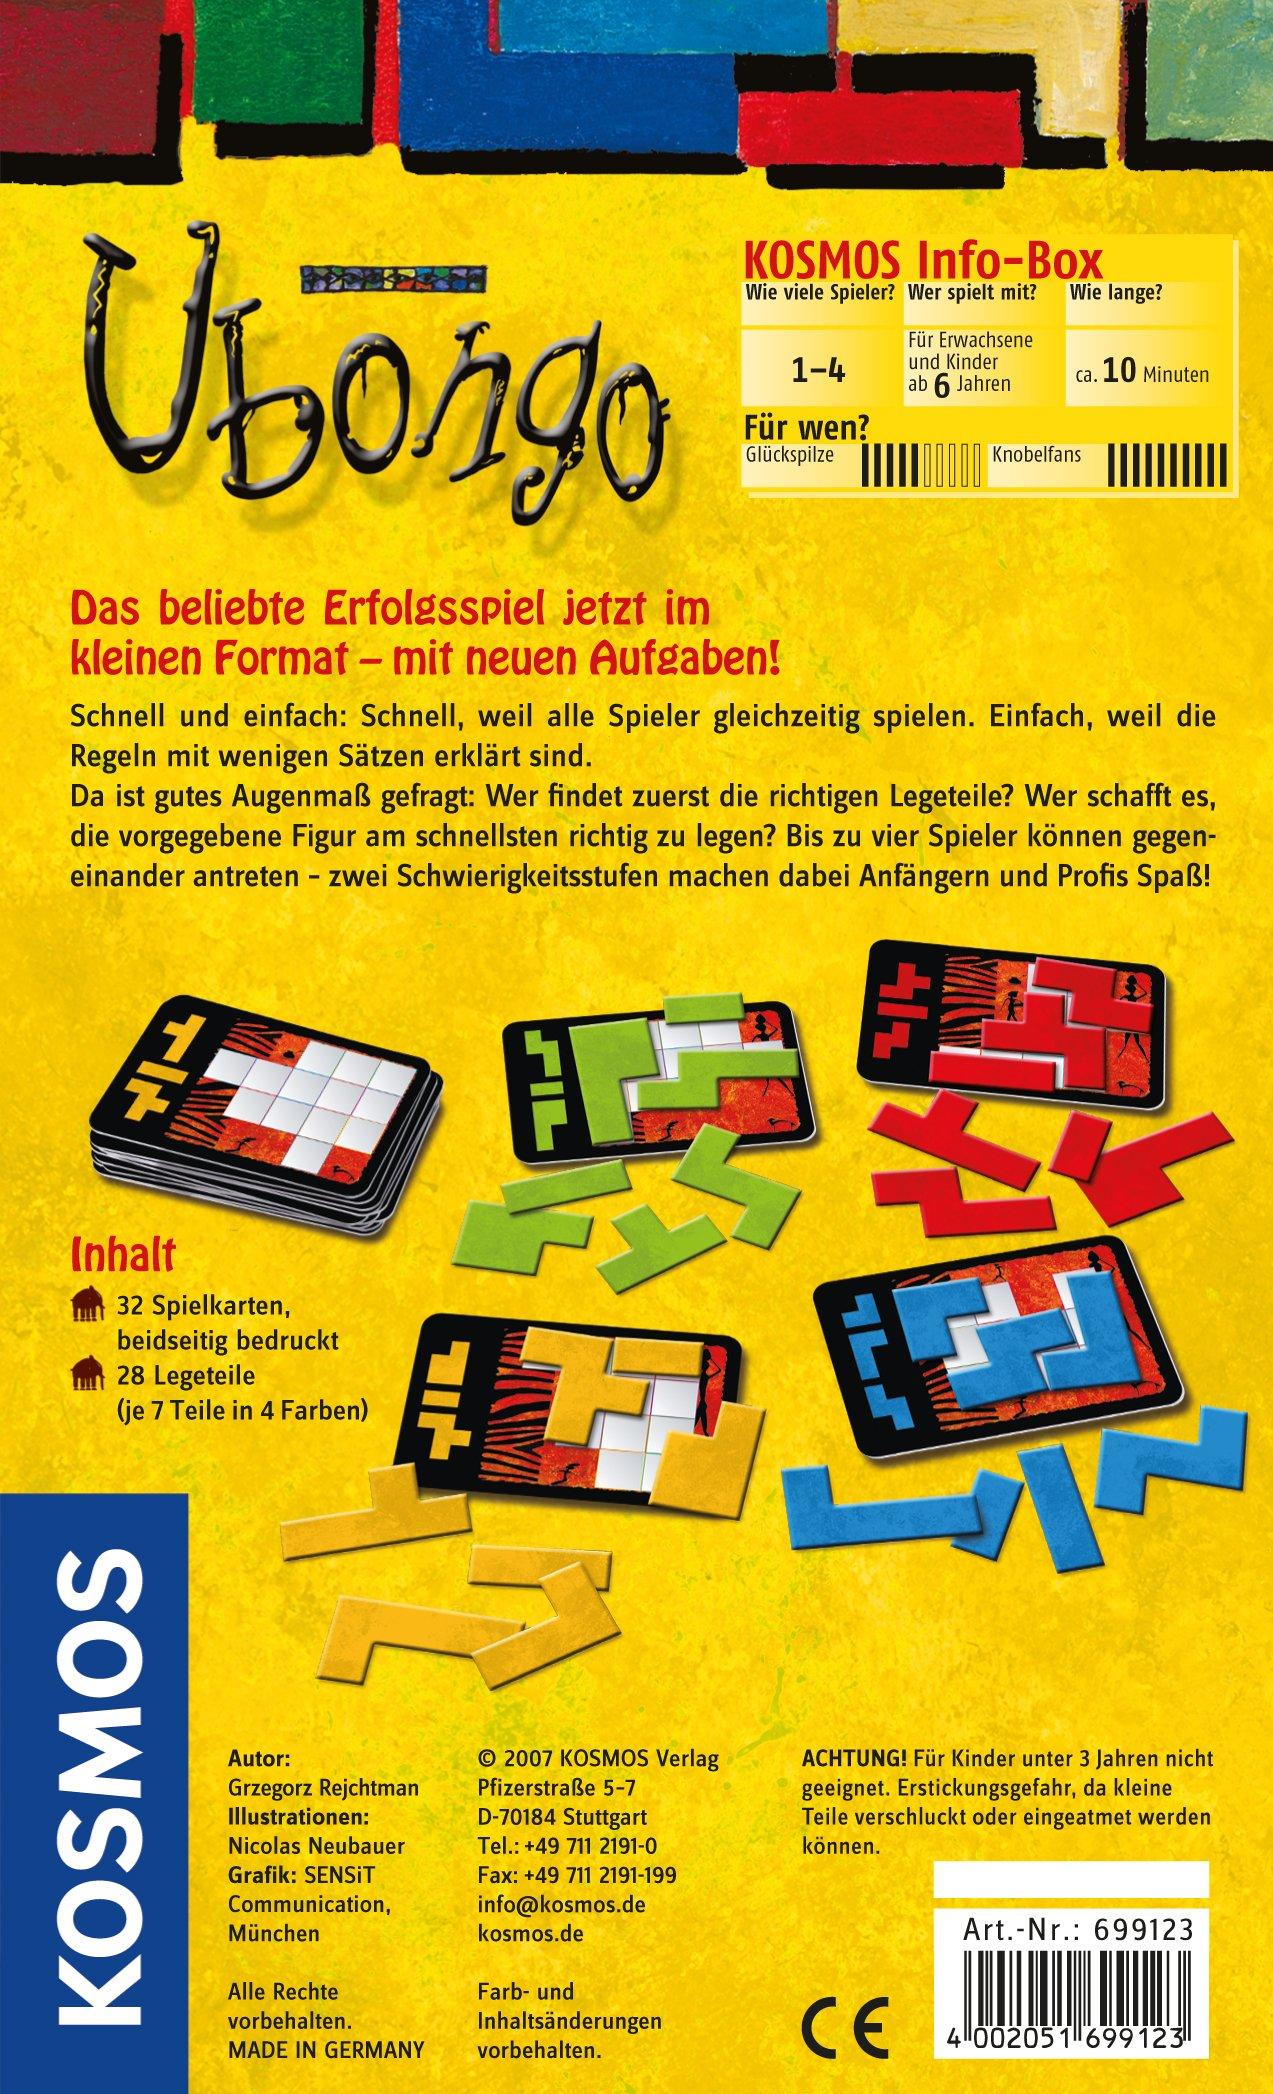 KOSMOS 6991230 Ubongo - Juego de Encajar Piezas (en alemán): Amazon.es: Juguetes y juegos